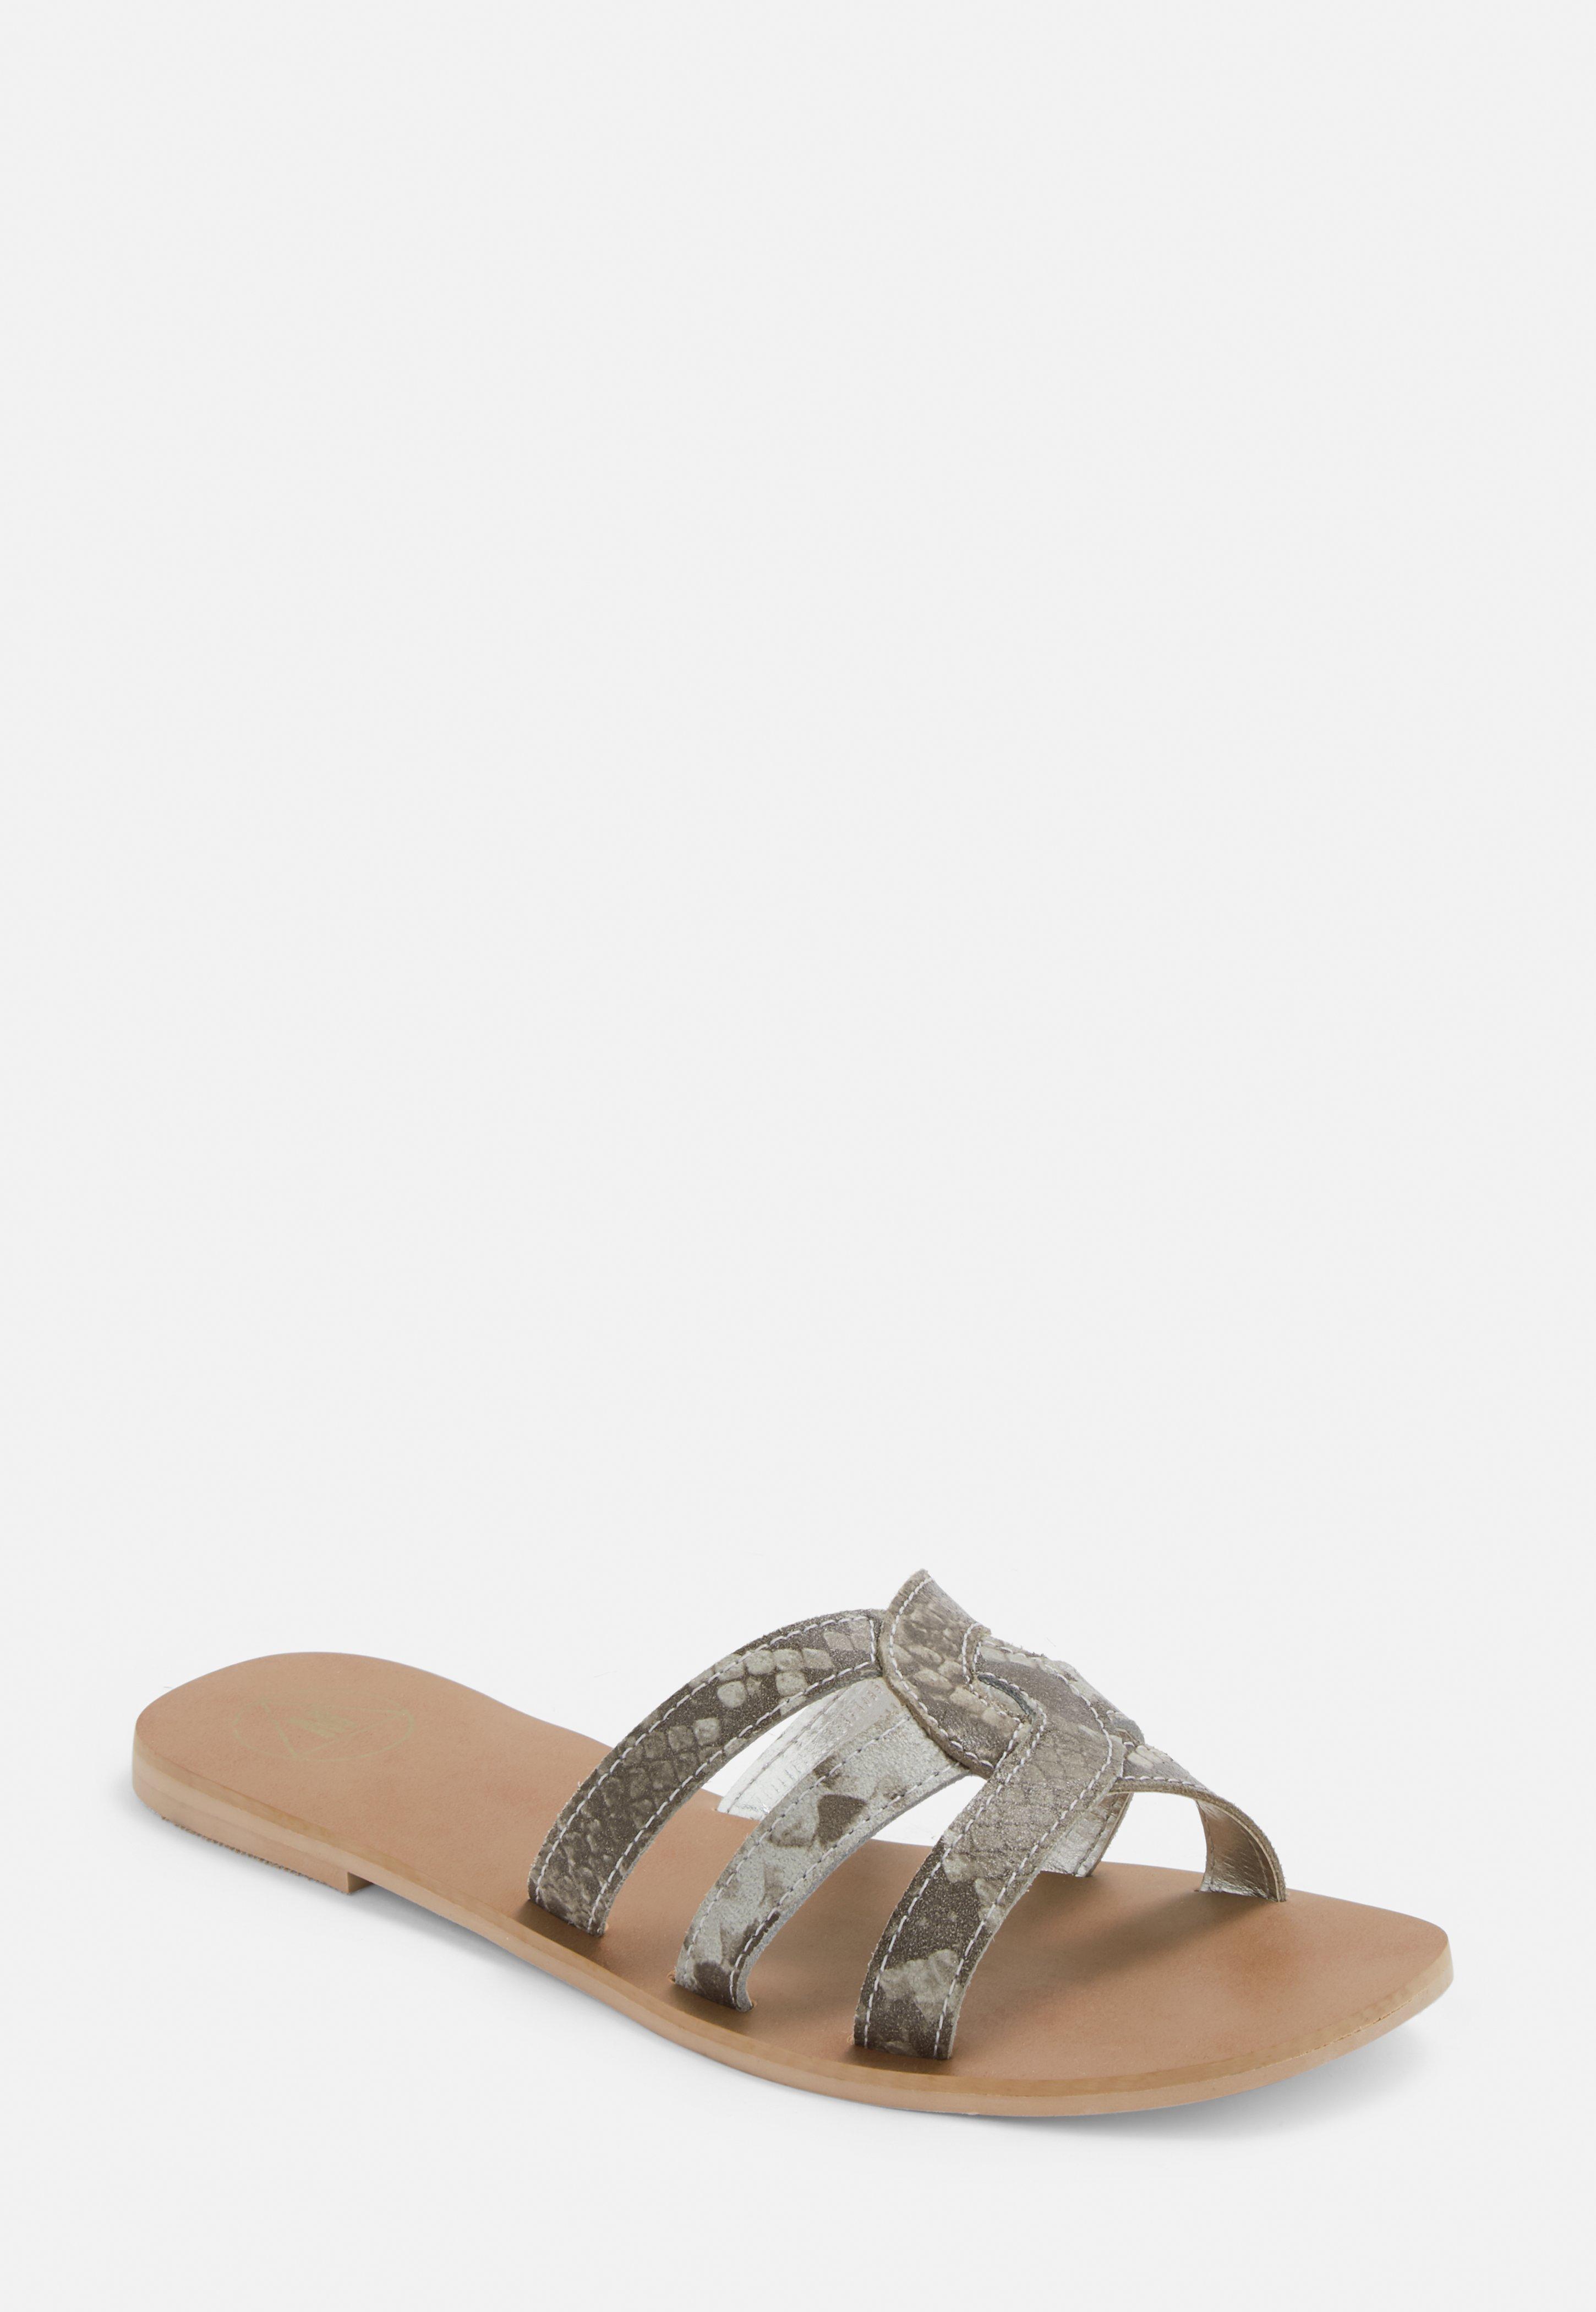 5d6d30f2ad4c Women s Shoes - Shop Women s Footwear Online